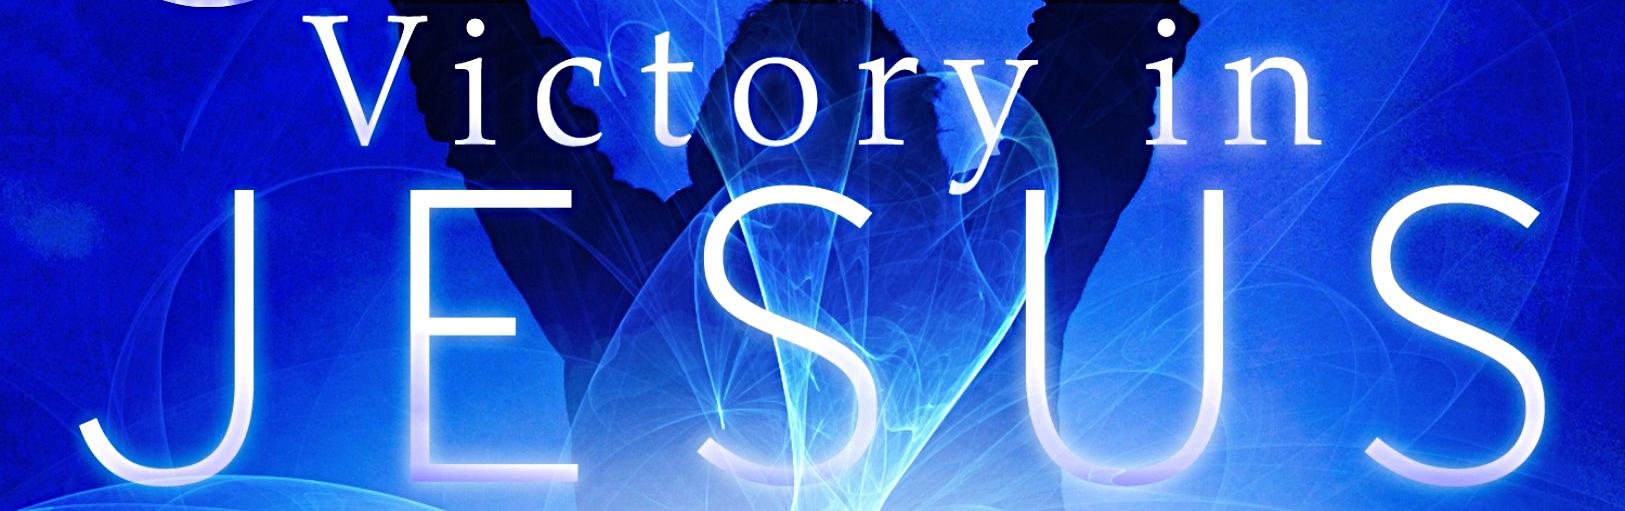 victory in Jesus.jpg